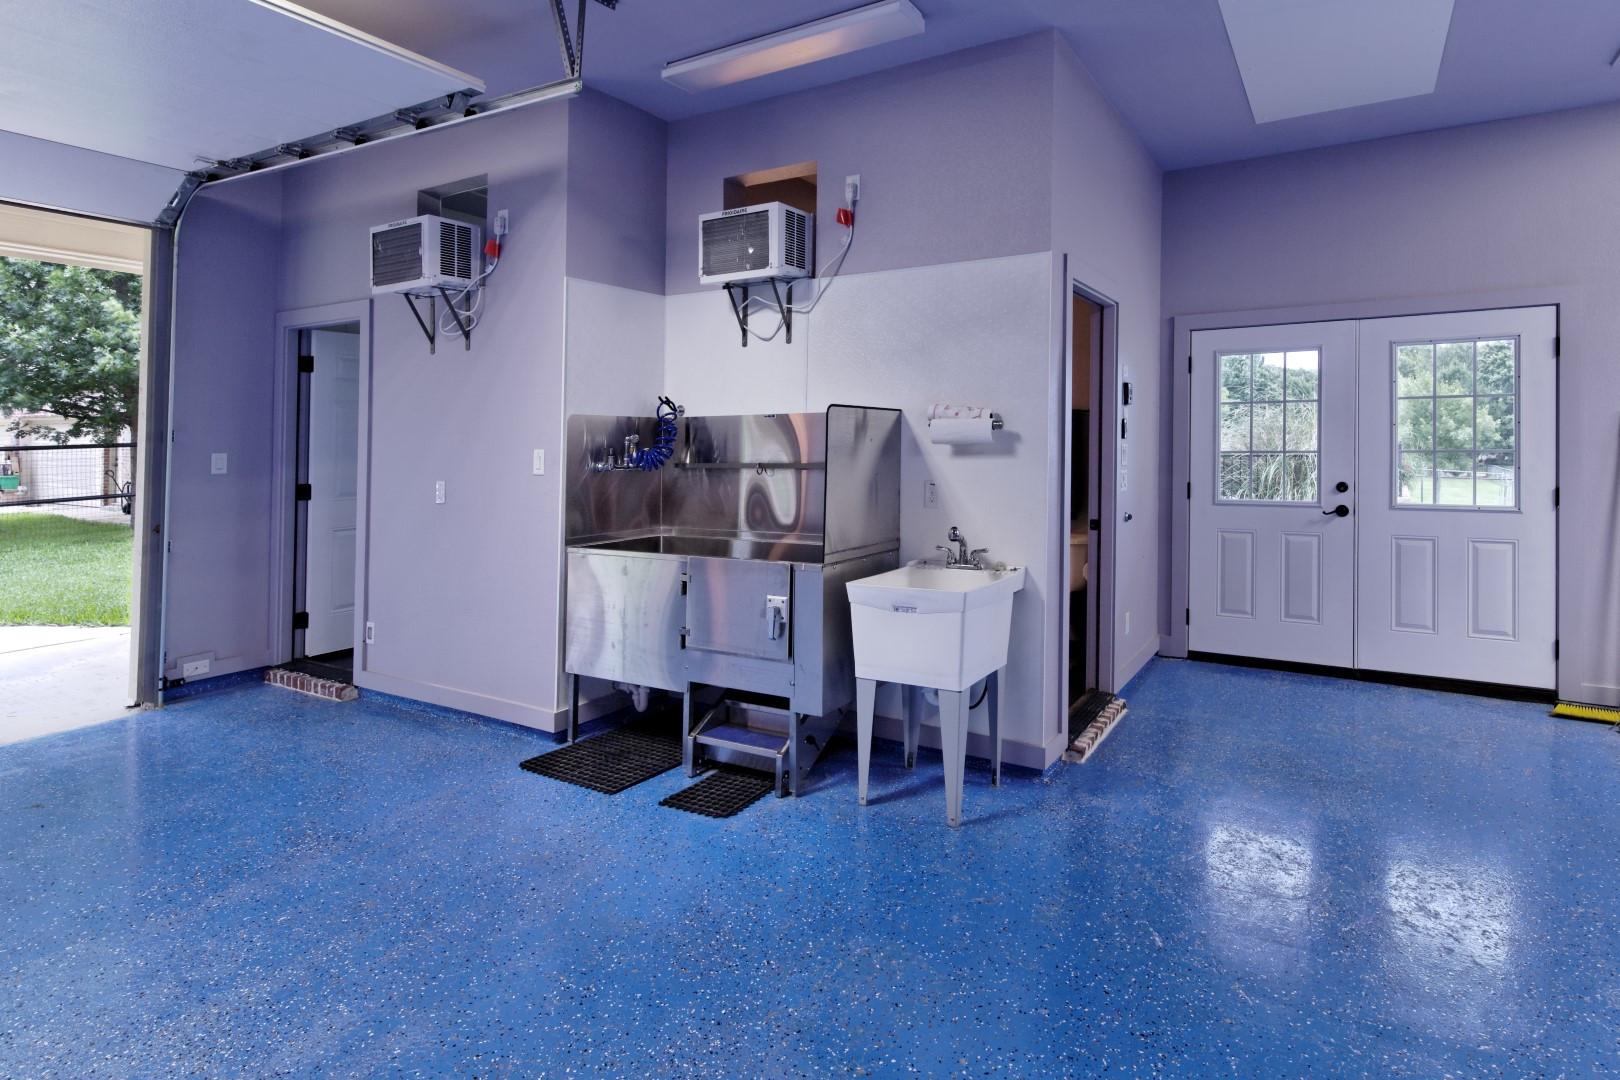 Main Floor - Doggy Care Area